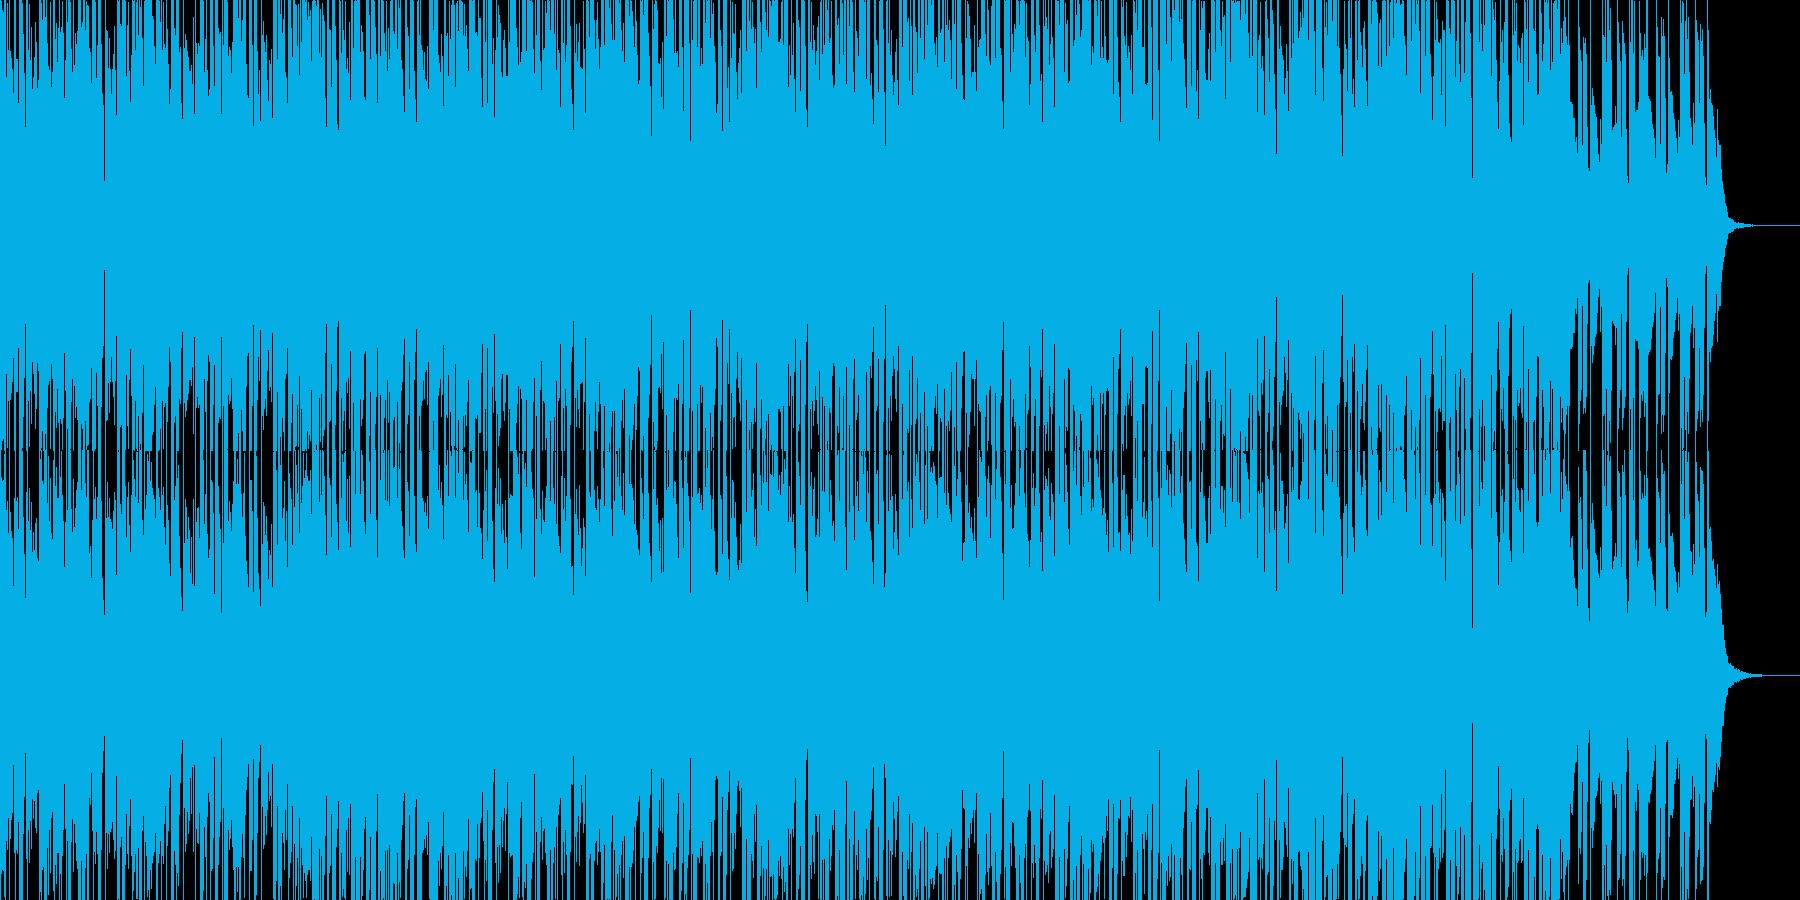 ボコーダーを使用した近未来的なEDMの再生済みの波形